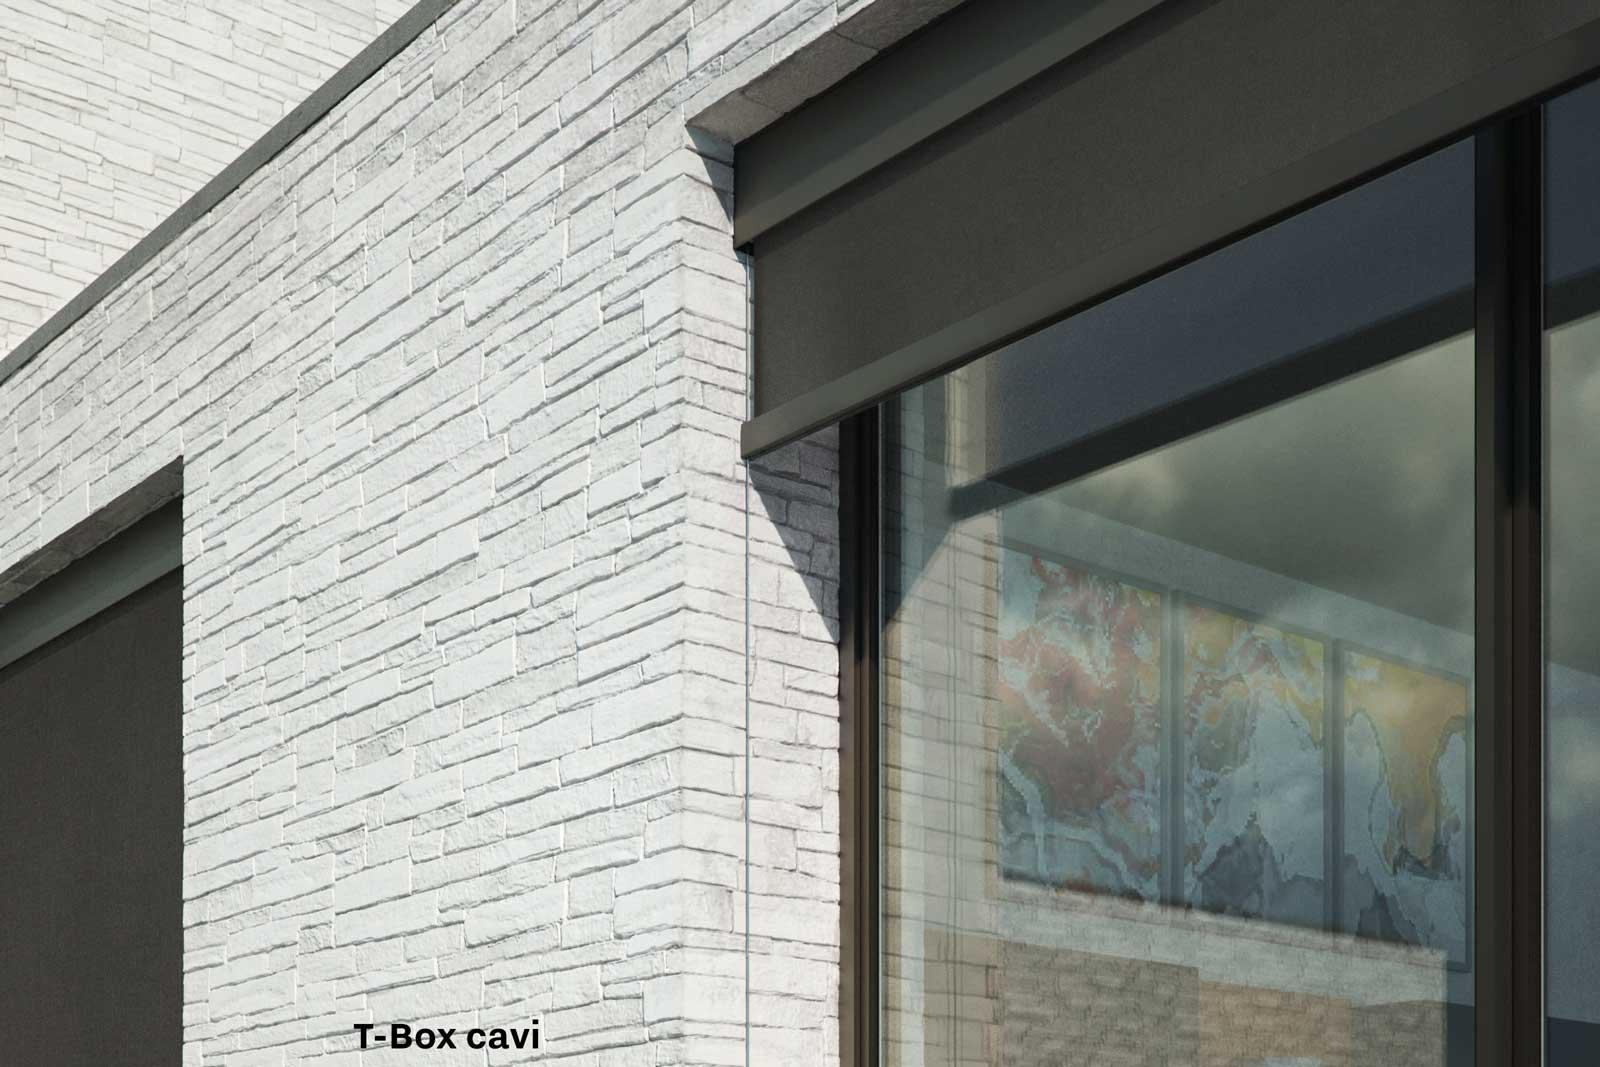 Tende Per Finestra Balcone : Tende da sole per finestra balconi esterno tendasol